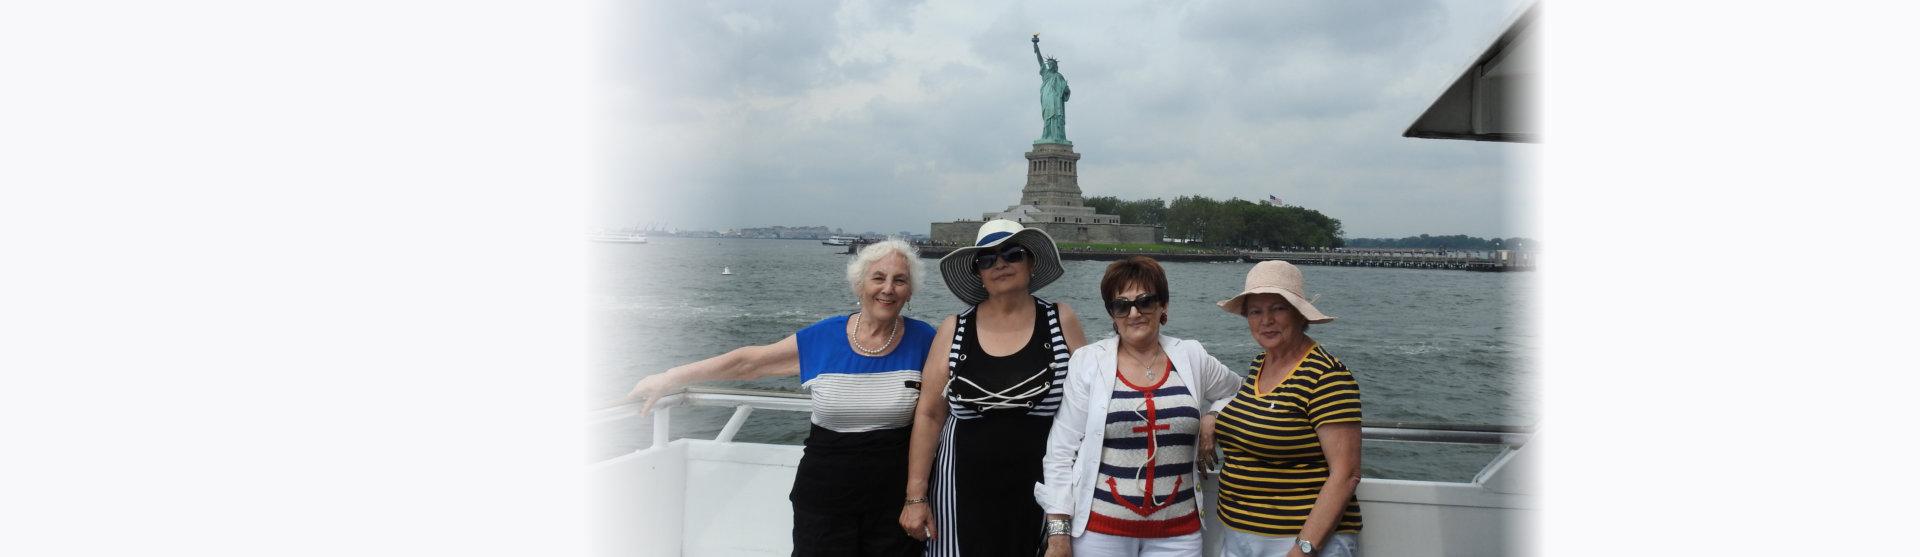 elderly women posing in a yacht